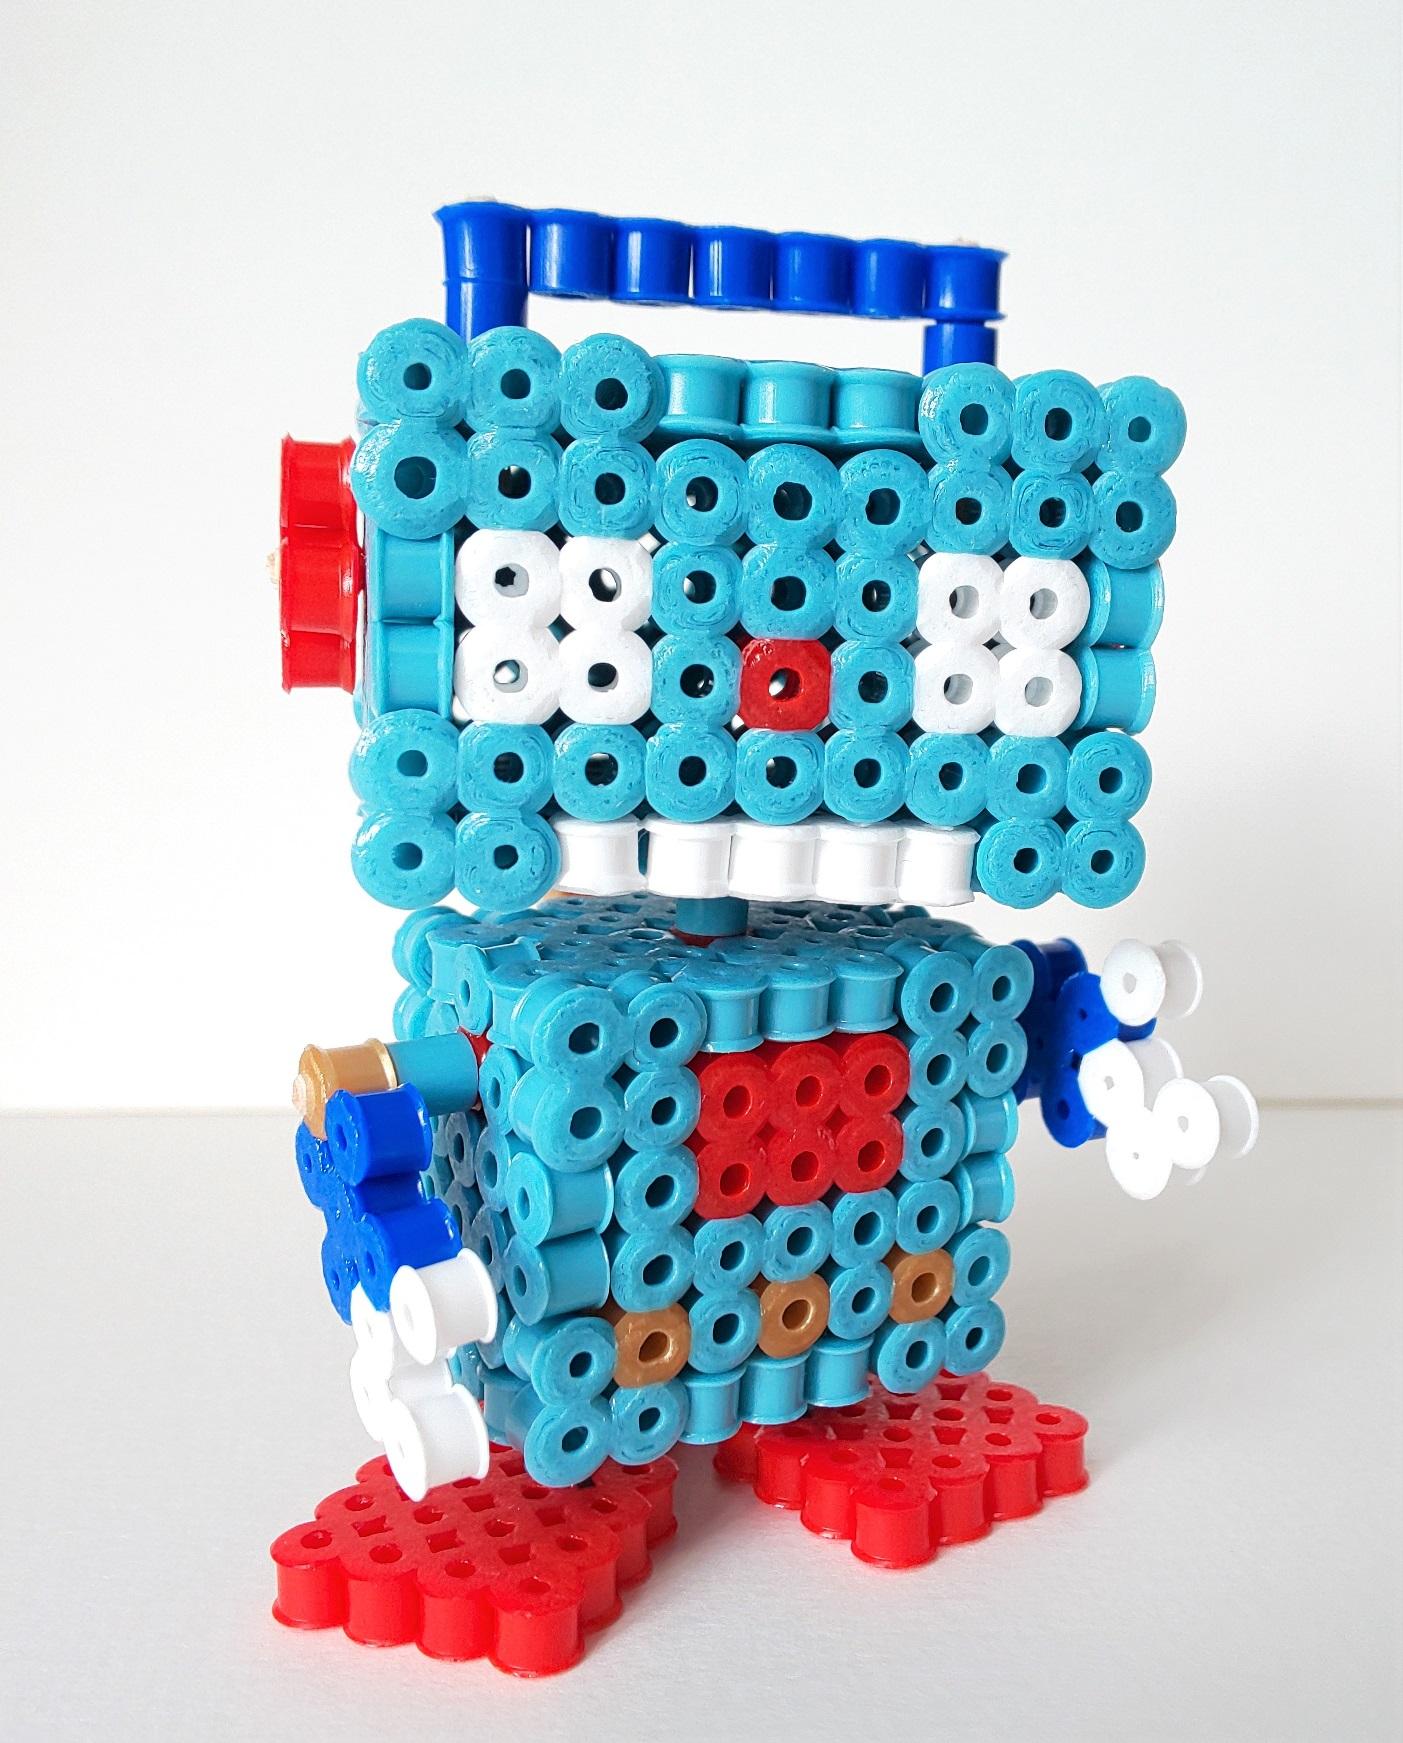 ハマビーズで作ってみよう!Vol.10『立体ロボット(パーツ制作編)』